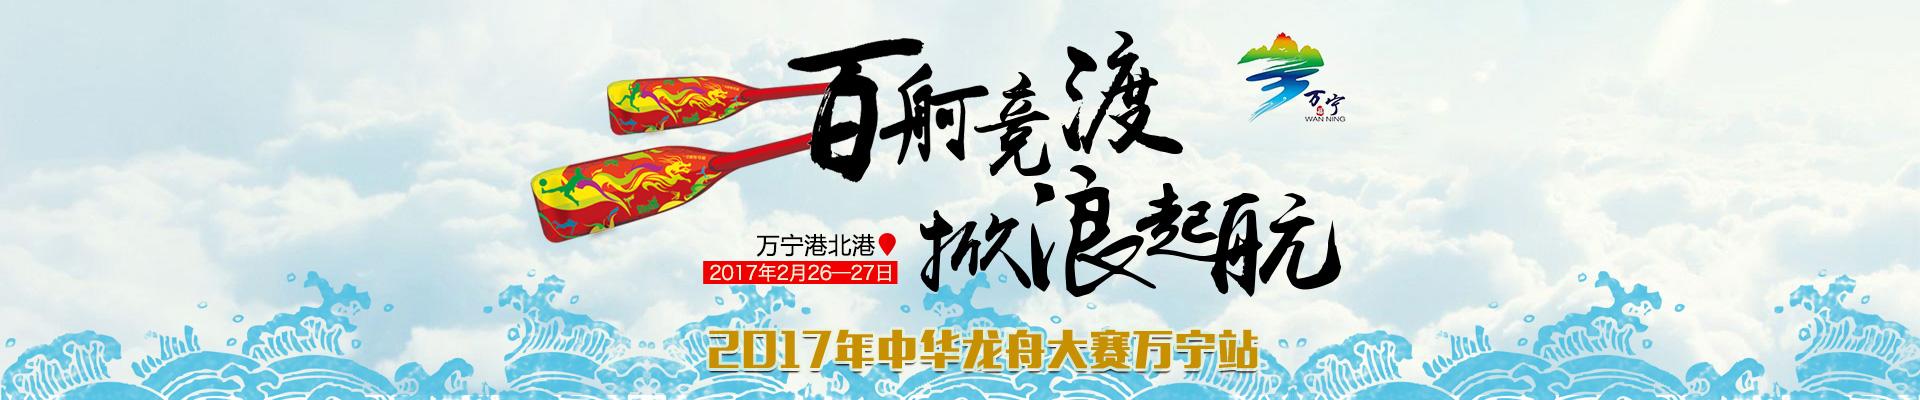 2017中华龙舟大赛万宁站